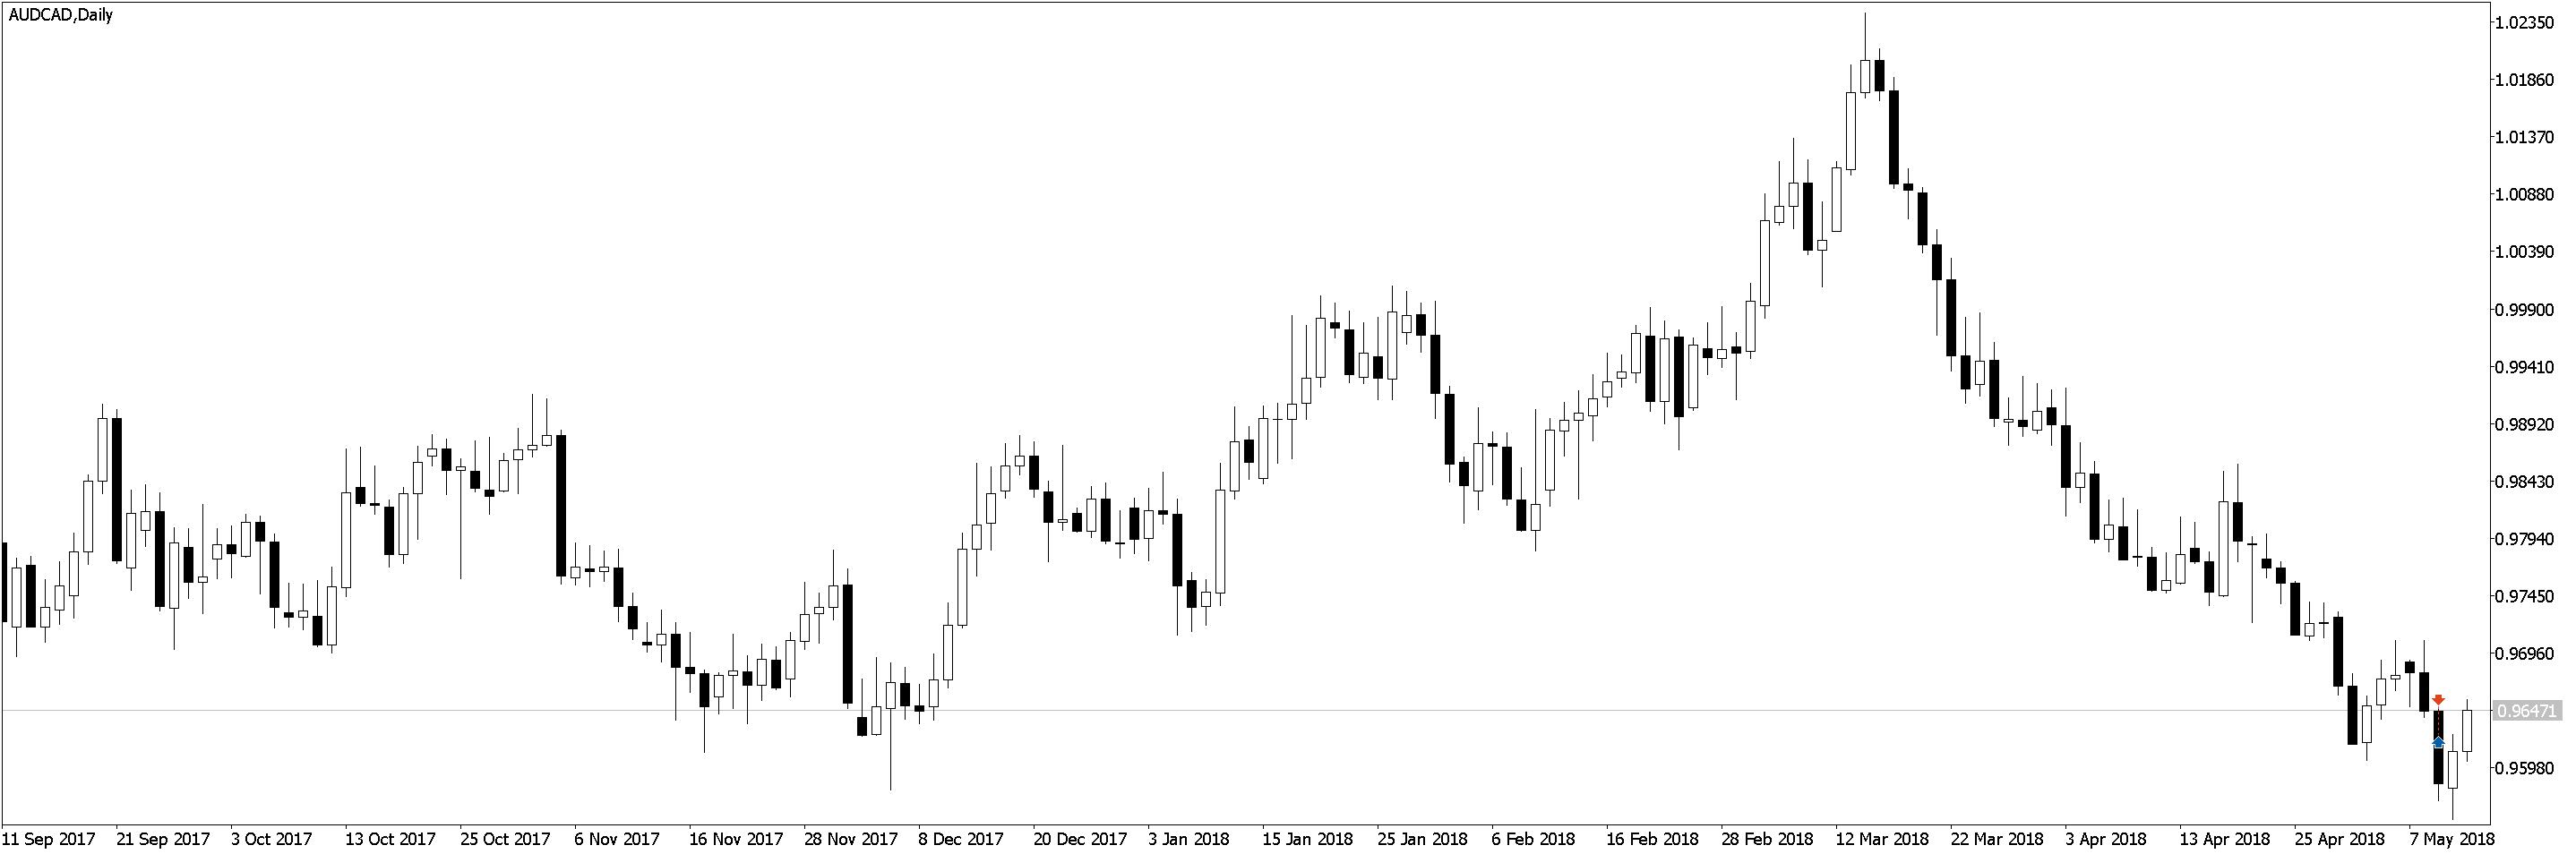 AUDCADDaily Положительная доходность в трейдинге, торговле по M5 и M1